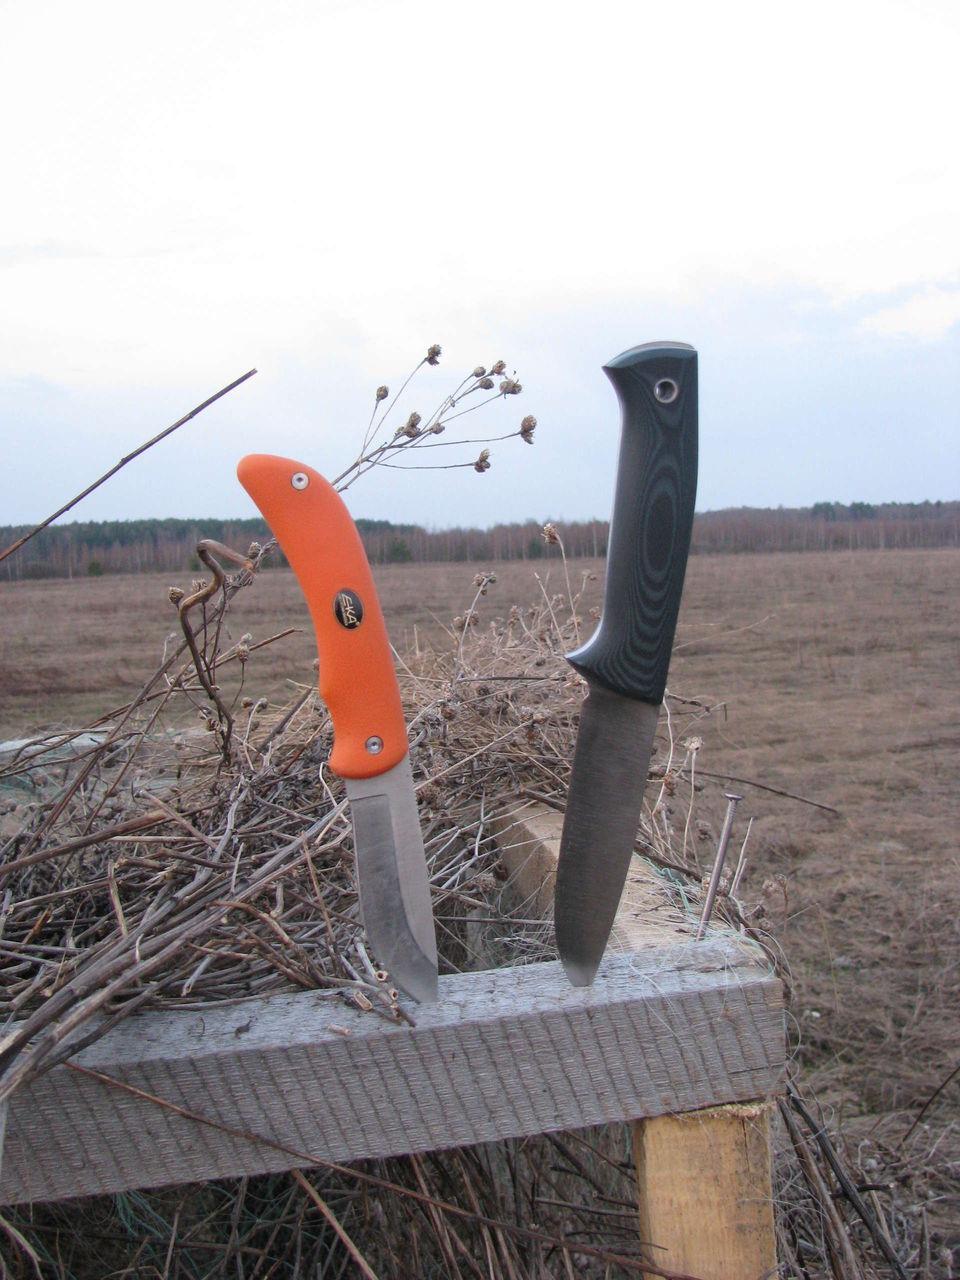 Нож в полевых условиях своими руками